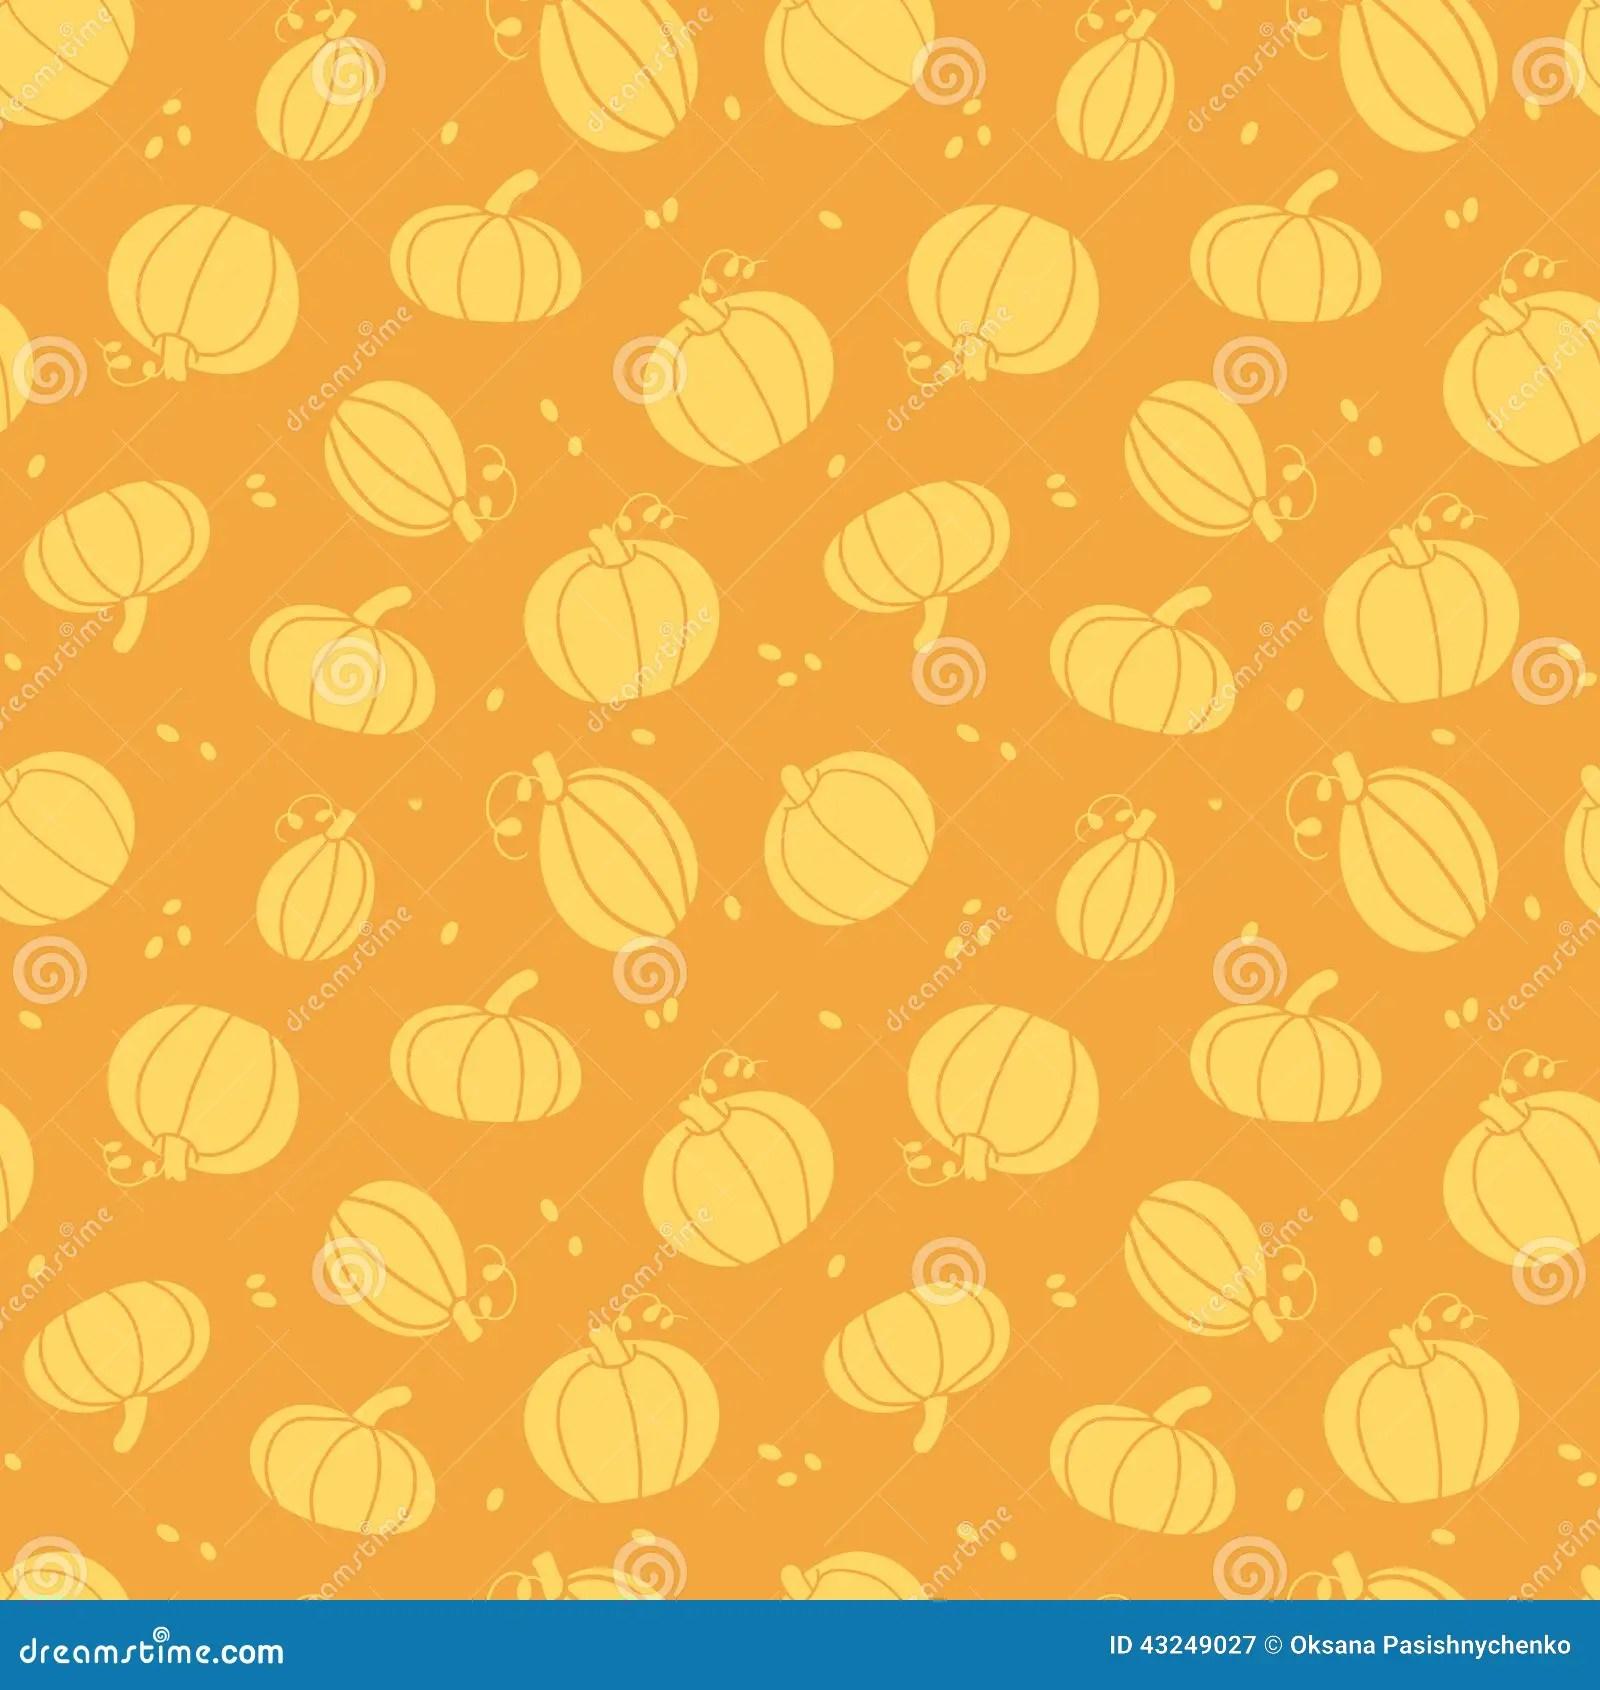 Fall Leaves Clip Art Wallpaper Thanksgiving Golden Pumpkins Seamless Pattern Stock Vector